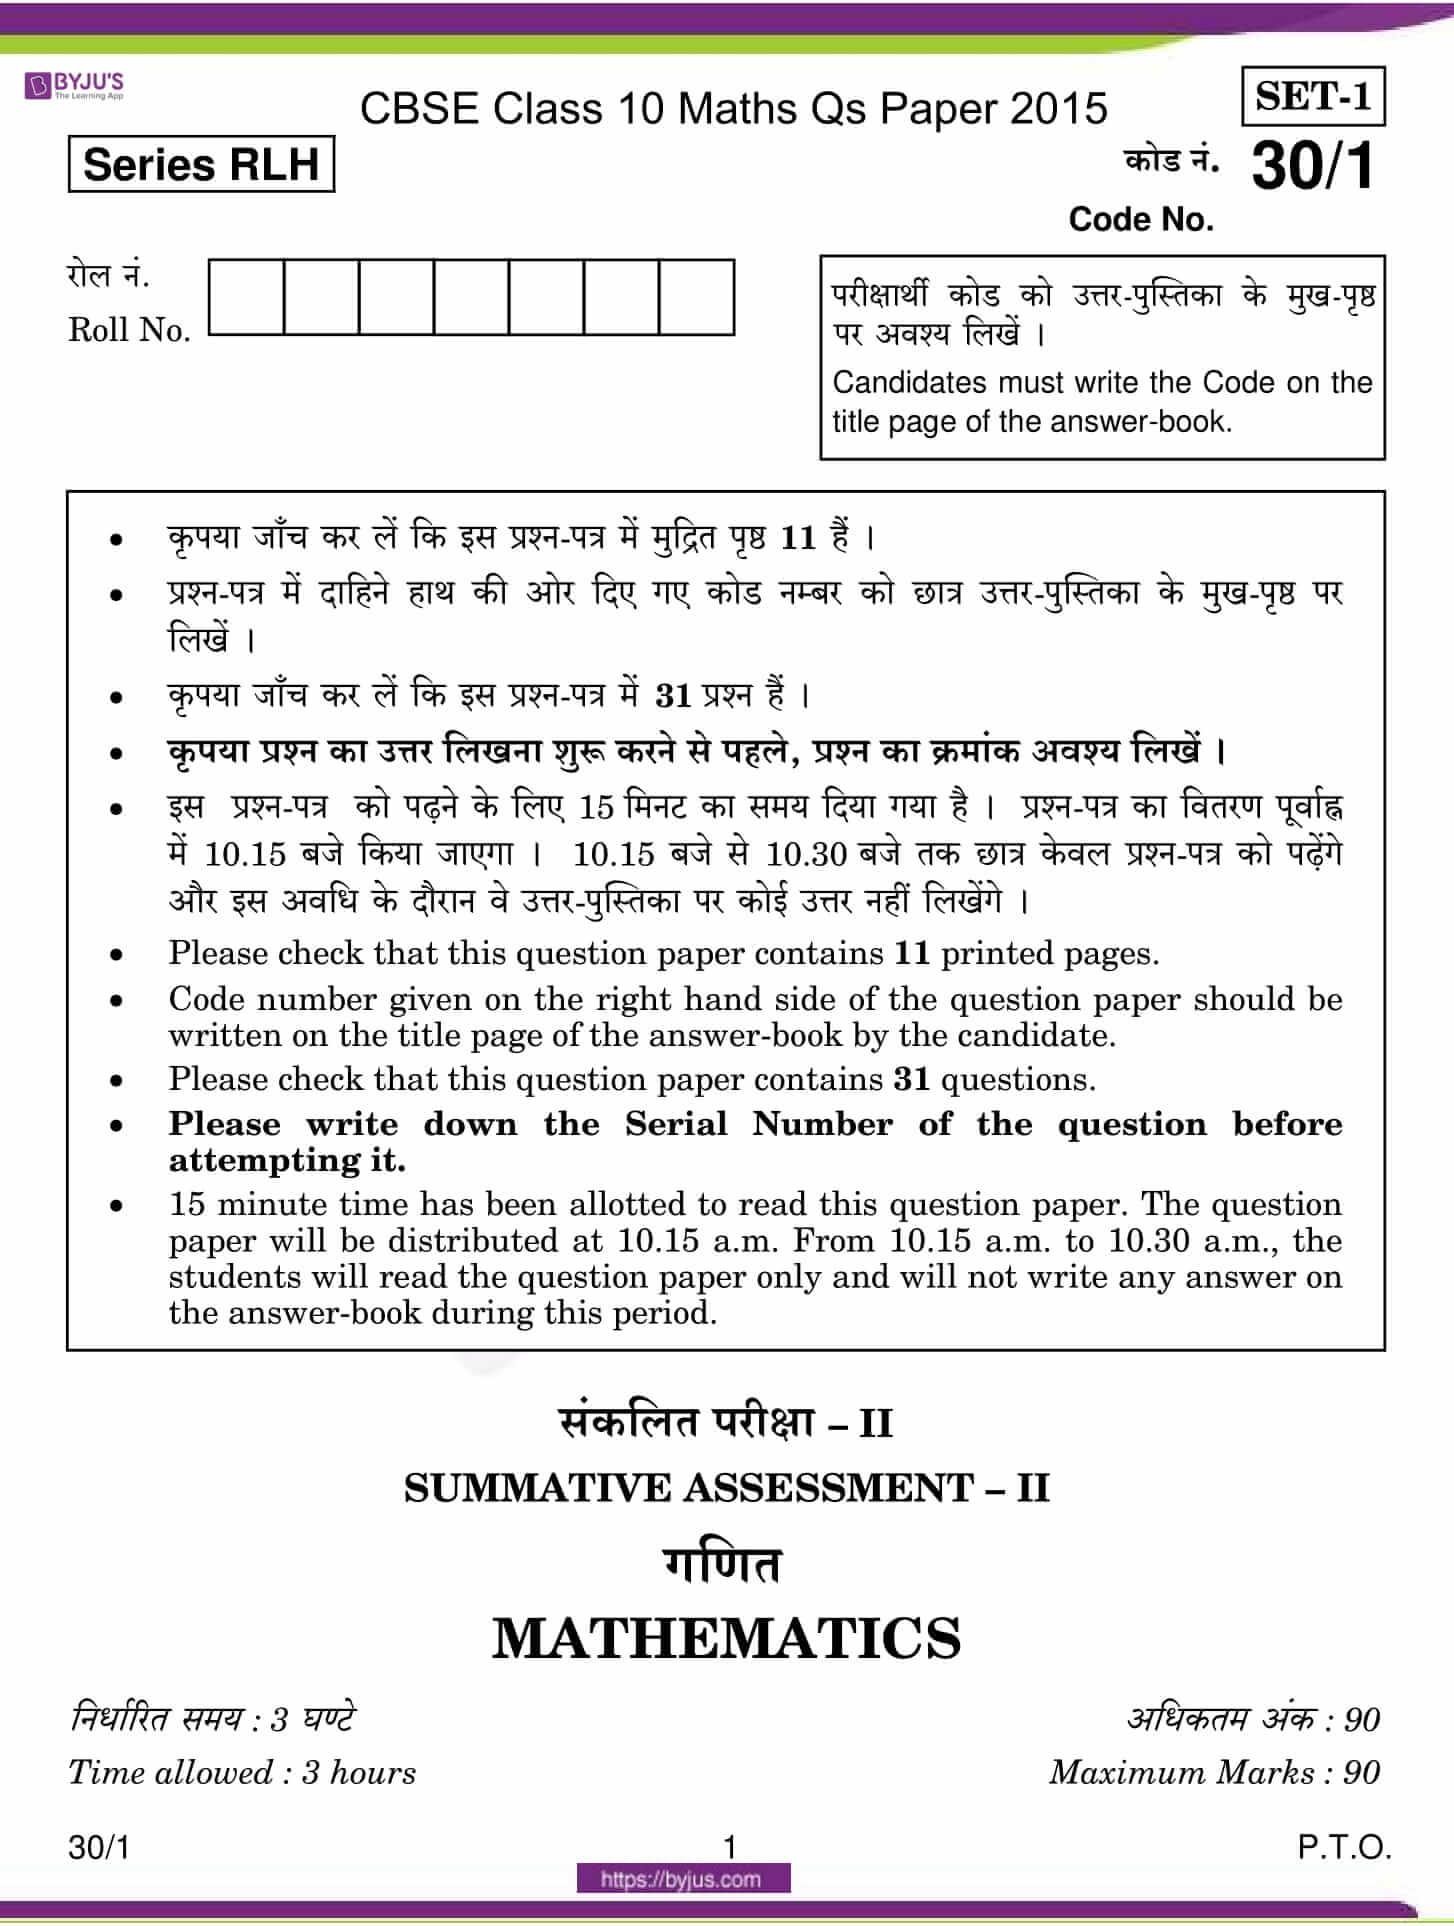 CBSE Class 10 Maths Qs Paper 2015 Set 1 01